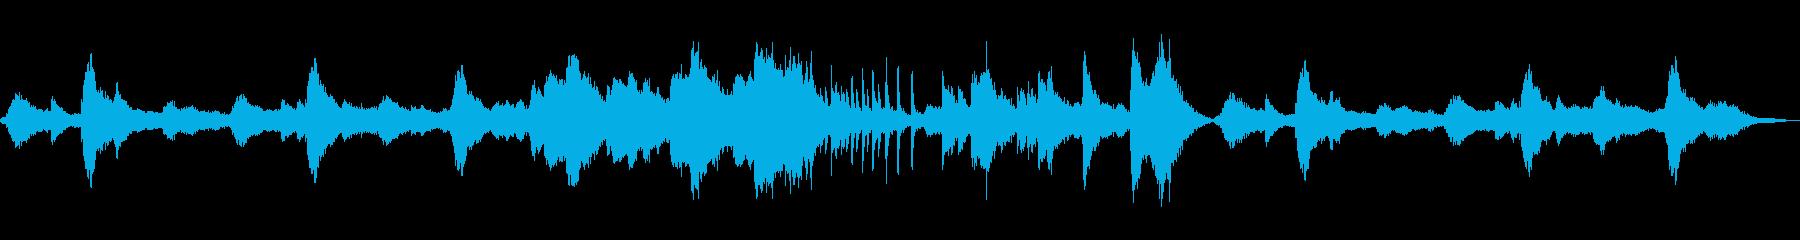 奇妙なリズムで独特な世界観のメロディーの再生済みの波形